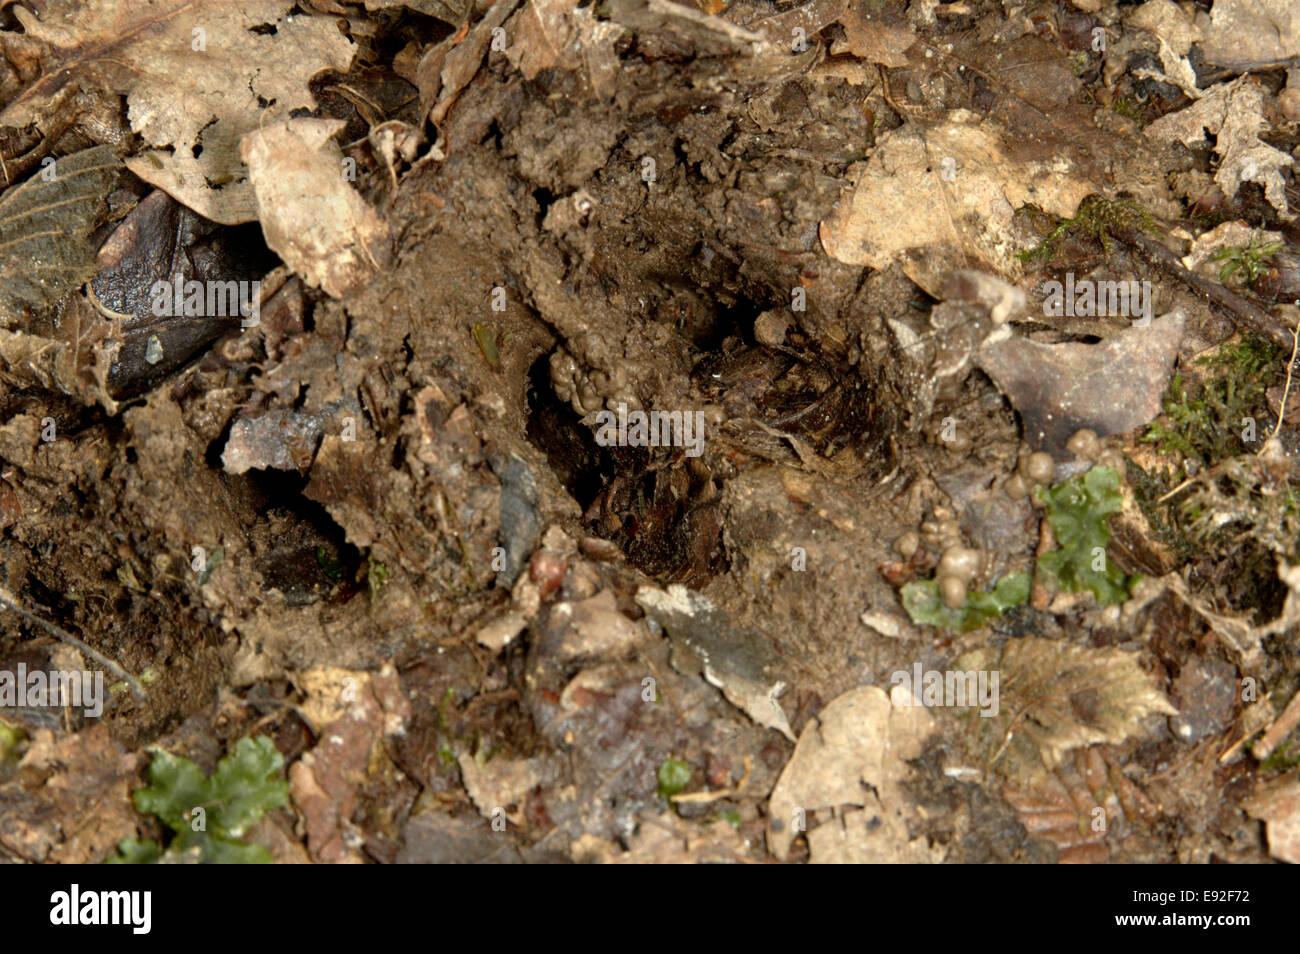 Roe Deer hoof print - Capreolus capreolus - Stock Image